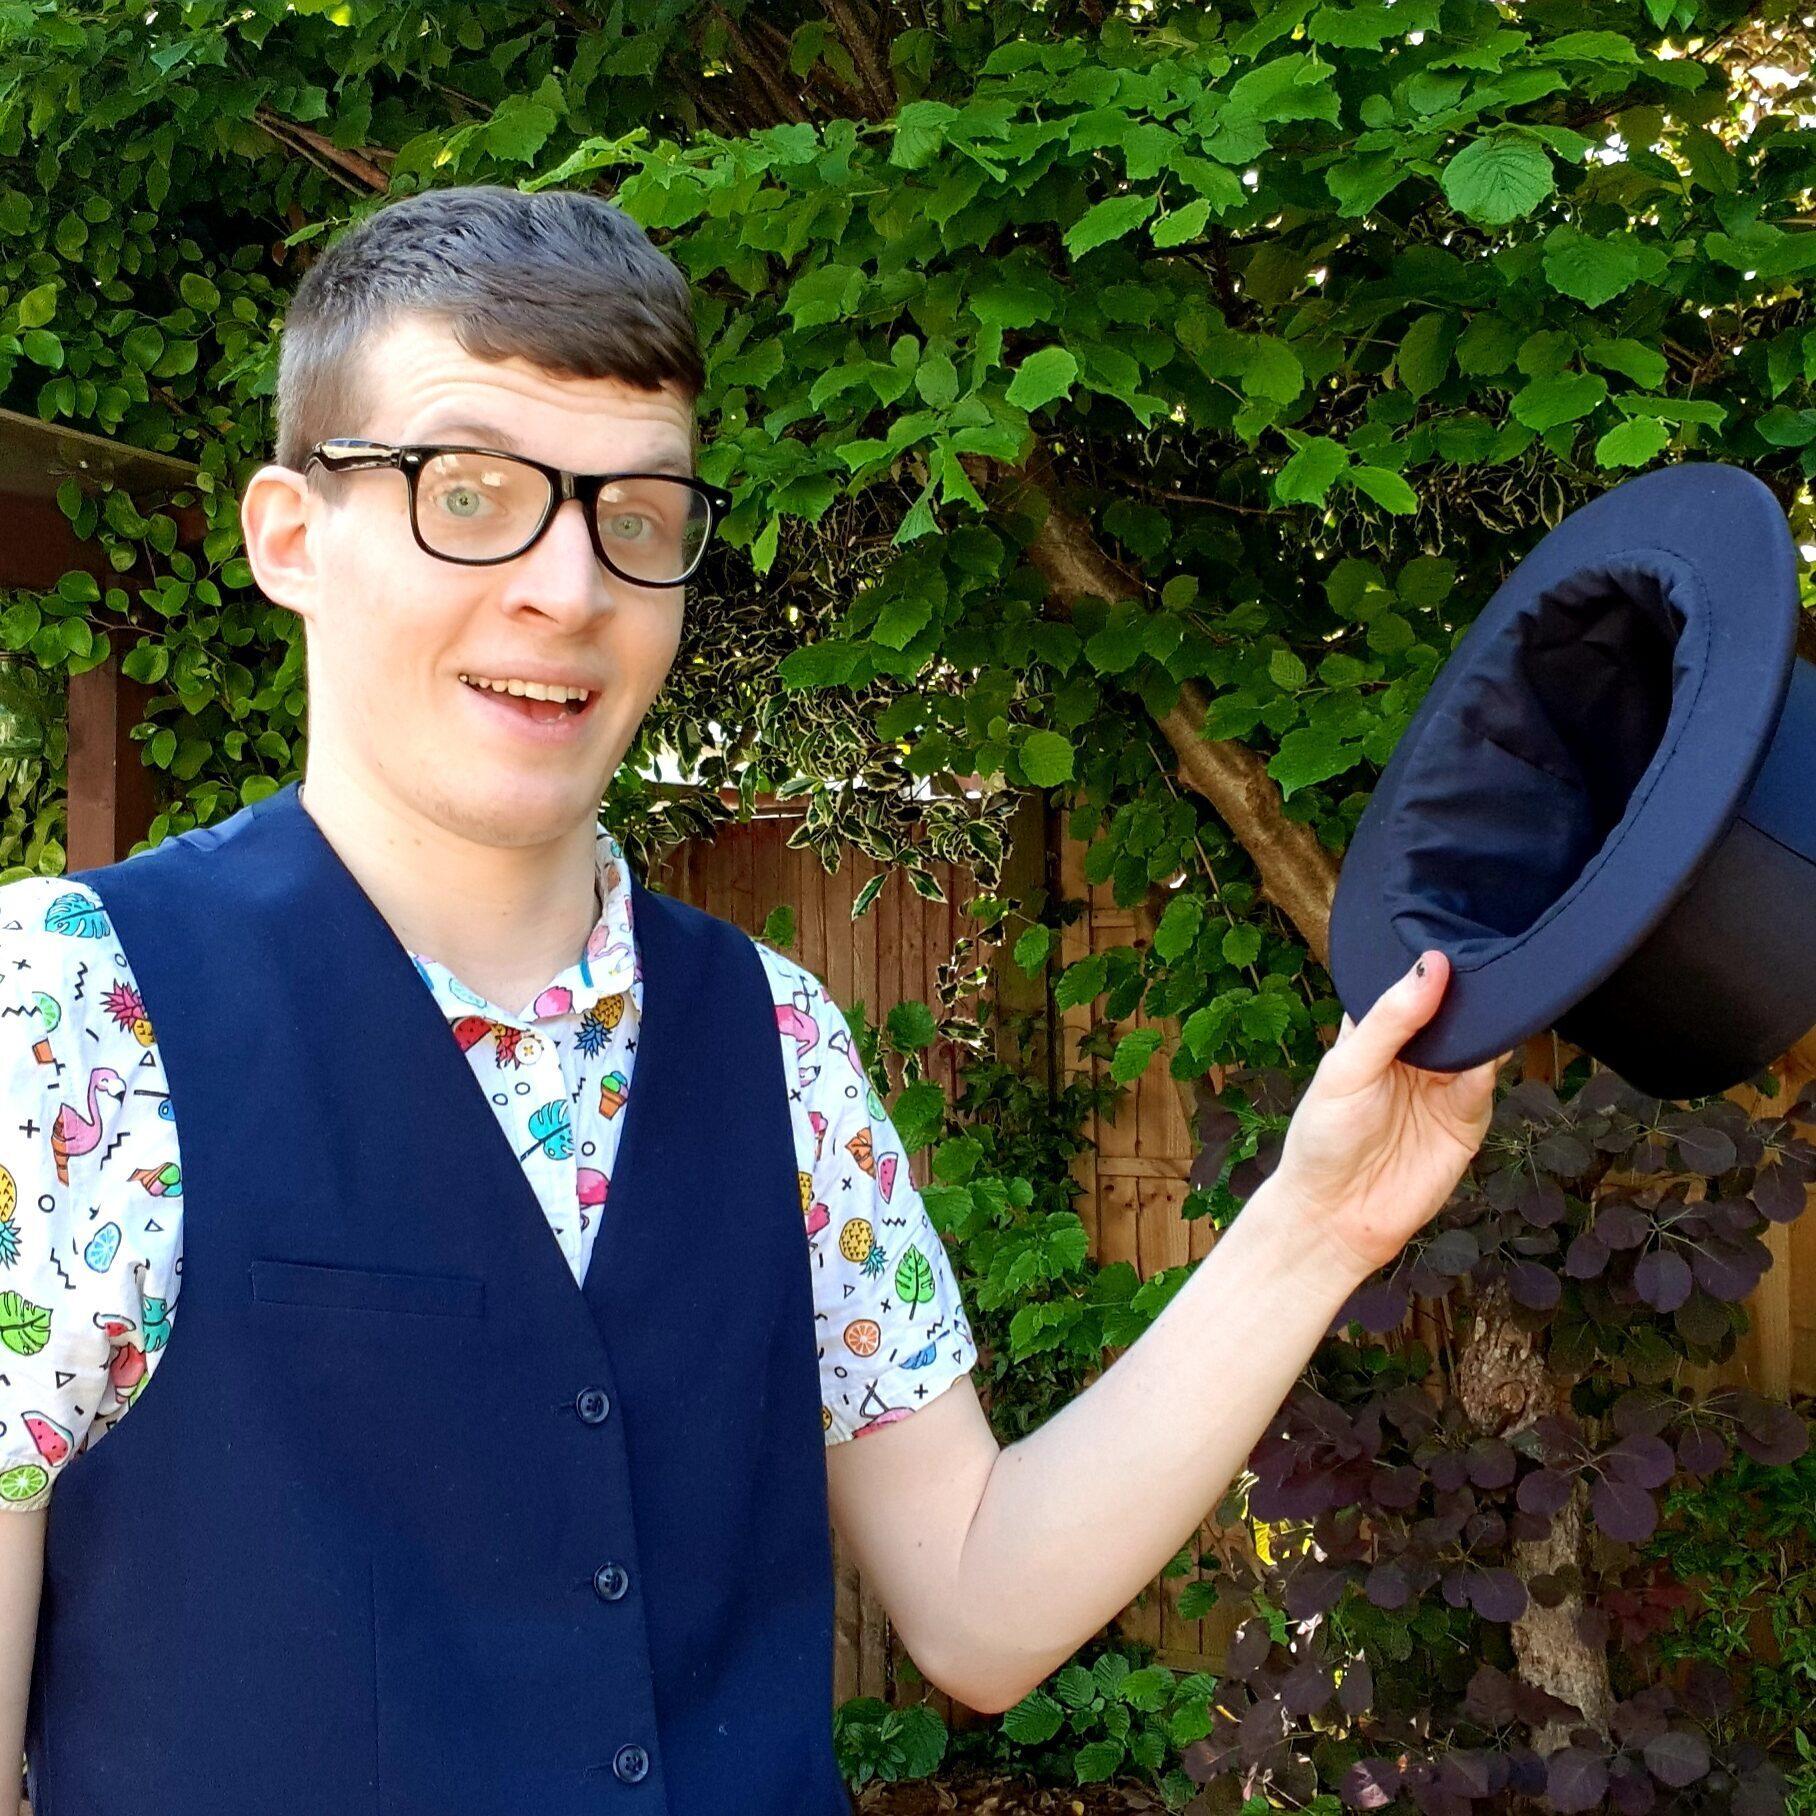 Harvo holding his hat